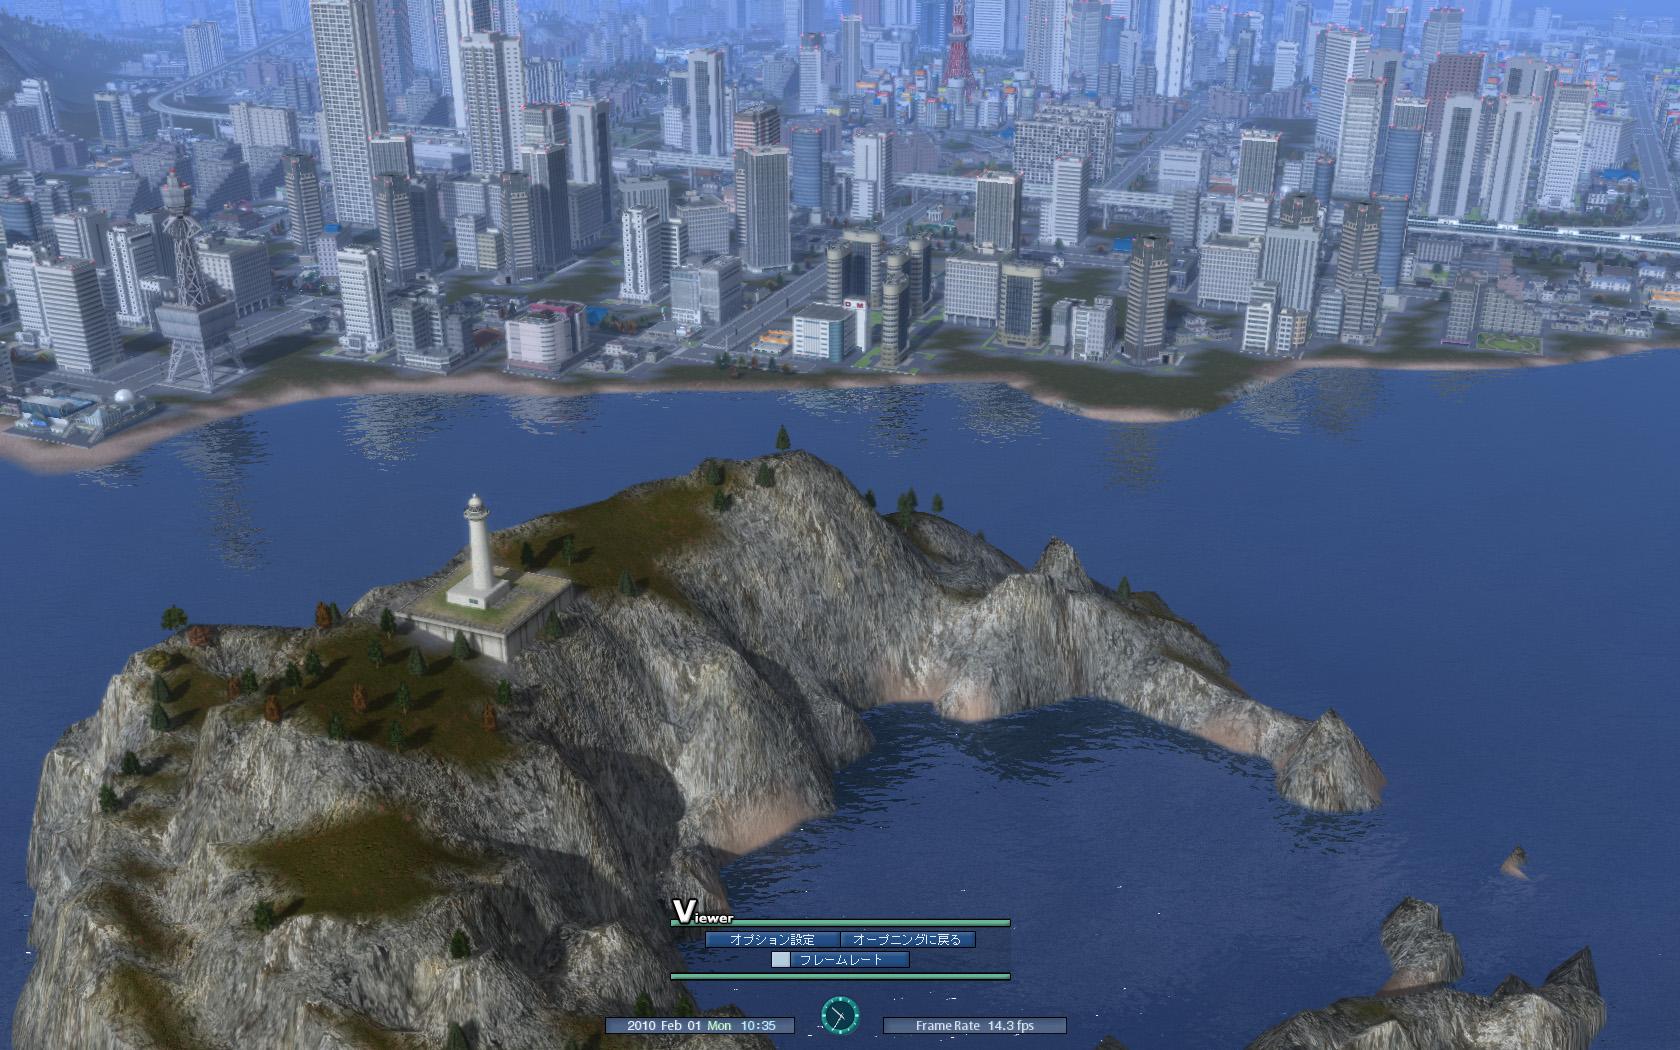 https://www.4gamer.net/games/101/G010184/20100203008/SS/006.jpg